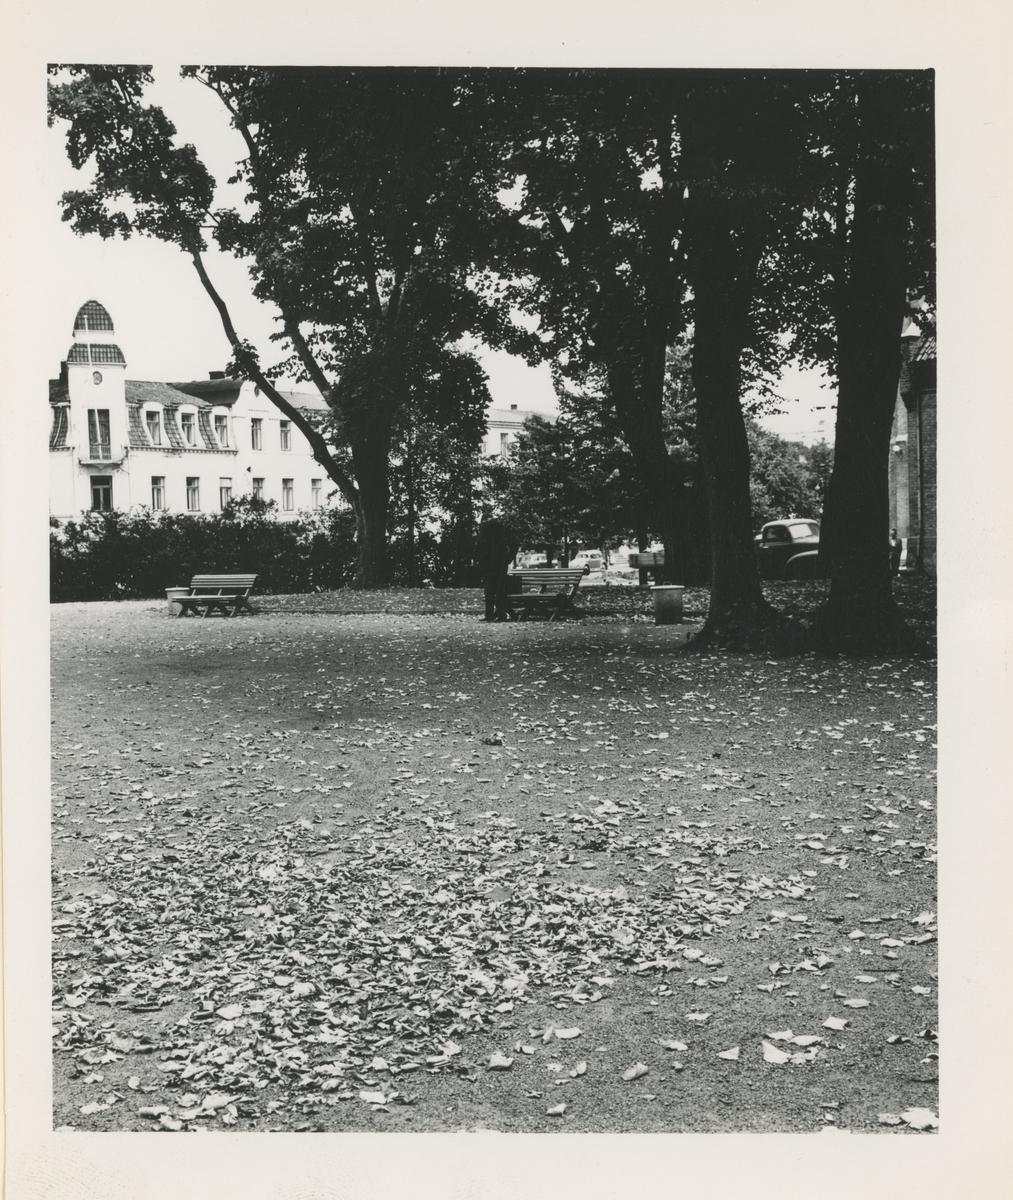 Kirkeparken. Årstall:Ca. 1960.  Fotograf har stått ved paviljongen. Detaljer:Parkutstyr, Moss Hotell i bakgrunnen. Historikk:Parken ble utbedret til musikk og festpark i 1920 da paviljongen ble oppført.